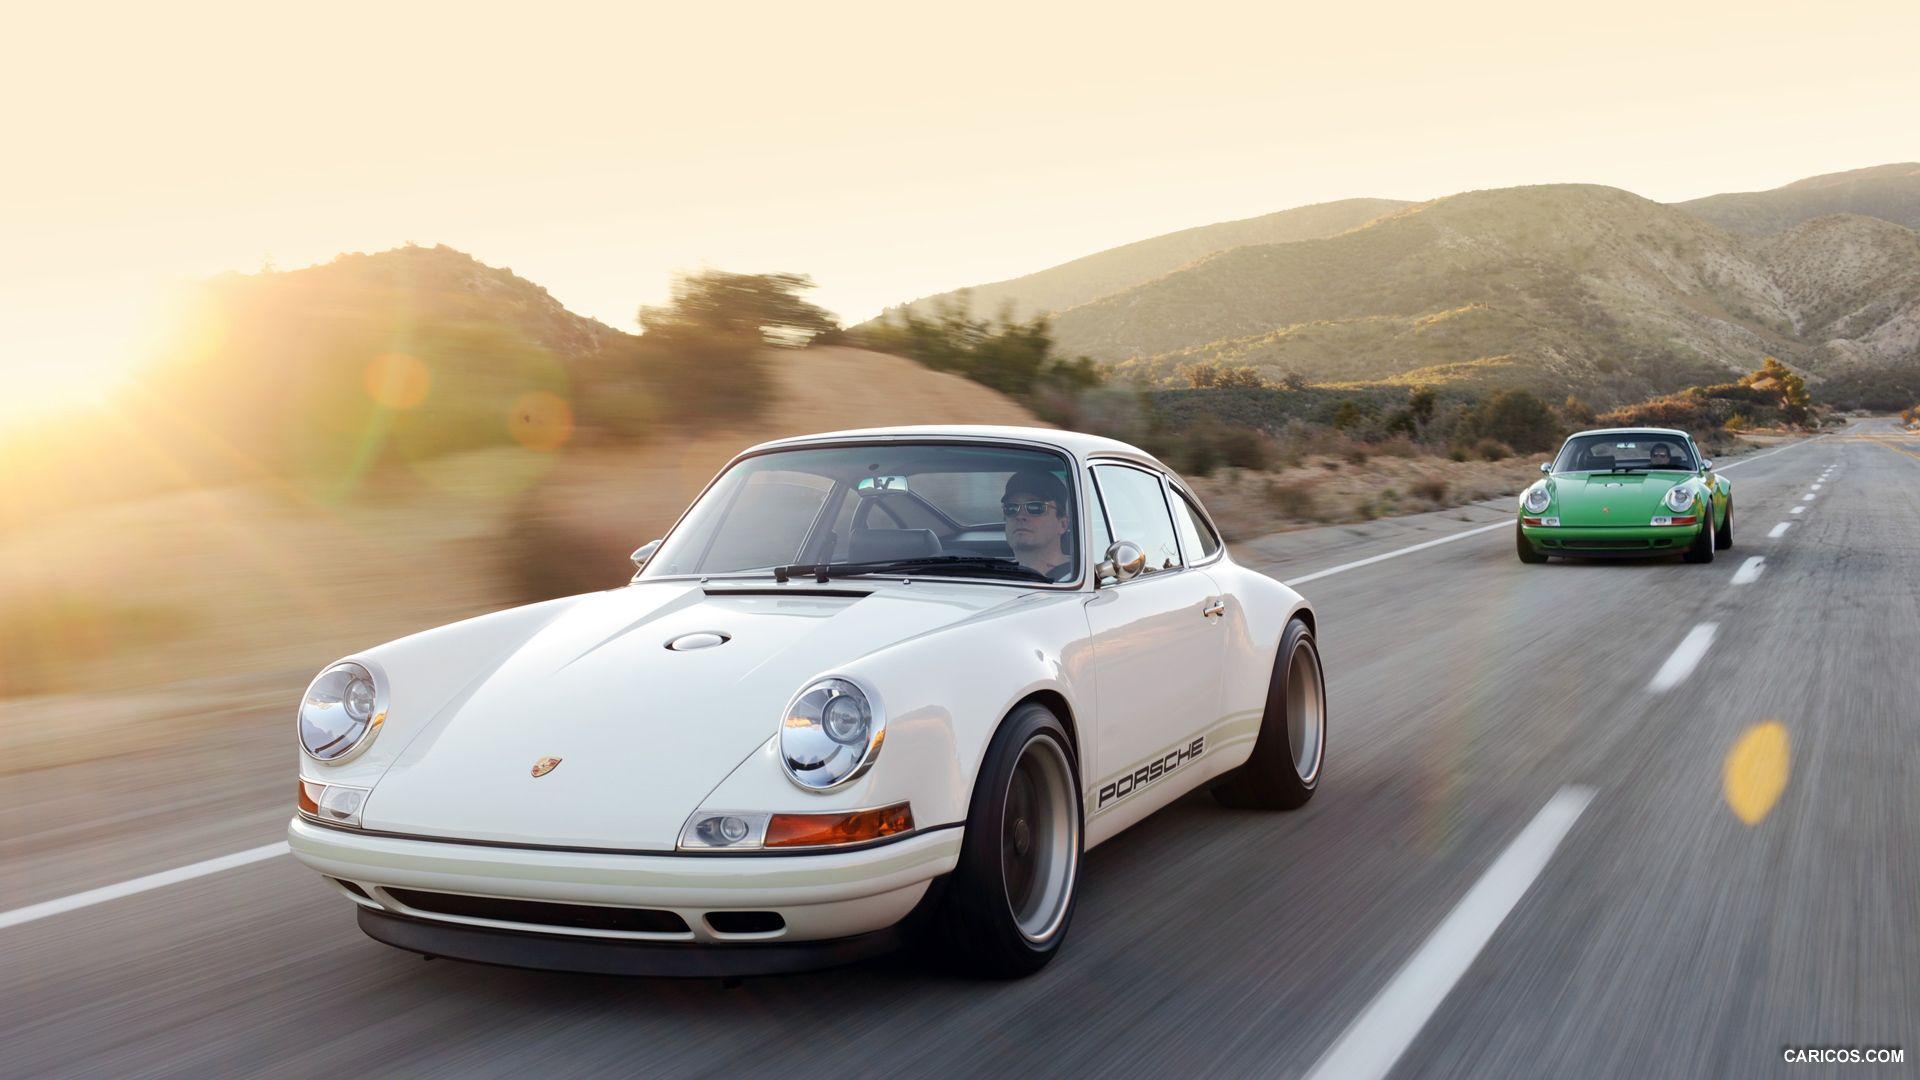 Pin By Steven Bailey On Porsche Singer Porsche Porsche 911 Porsche